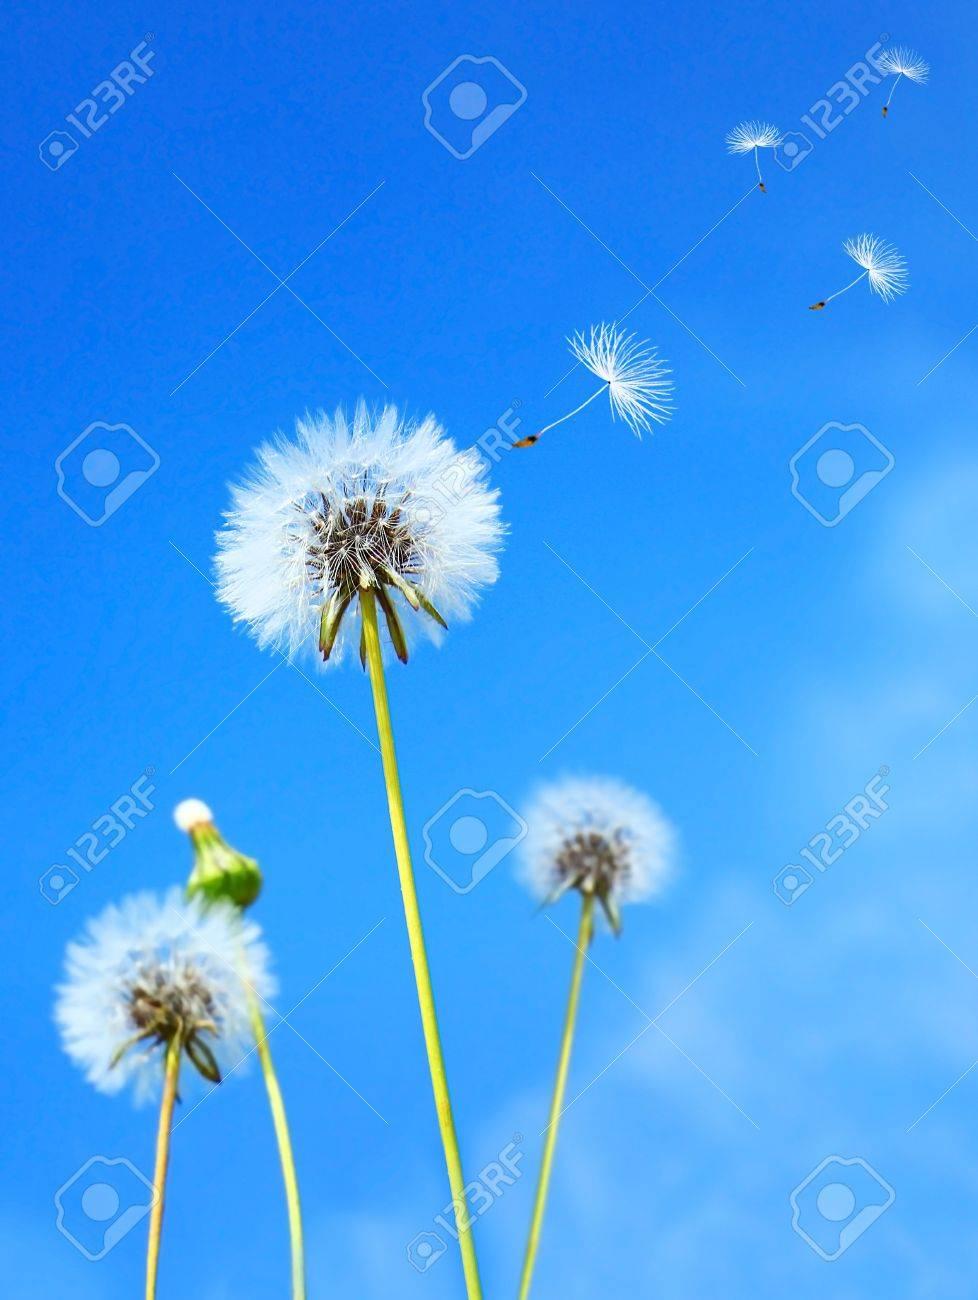 Dandelion flower field over blue sky - 9139007